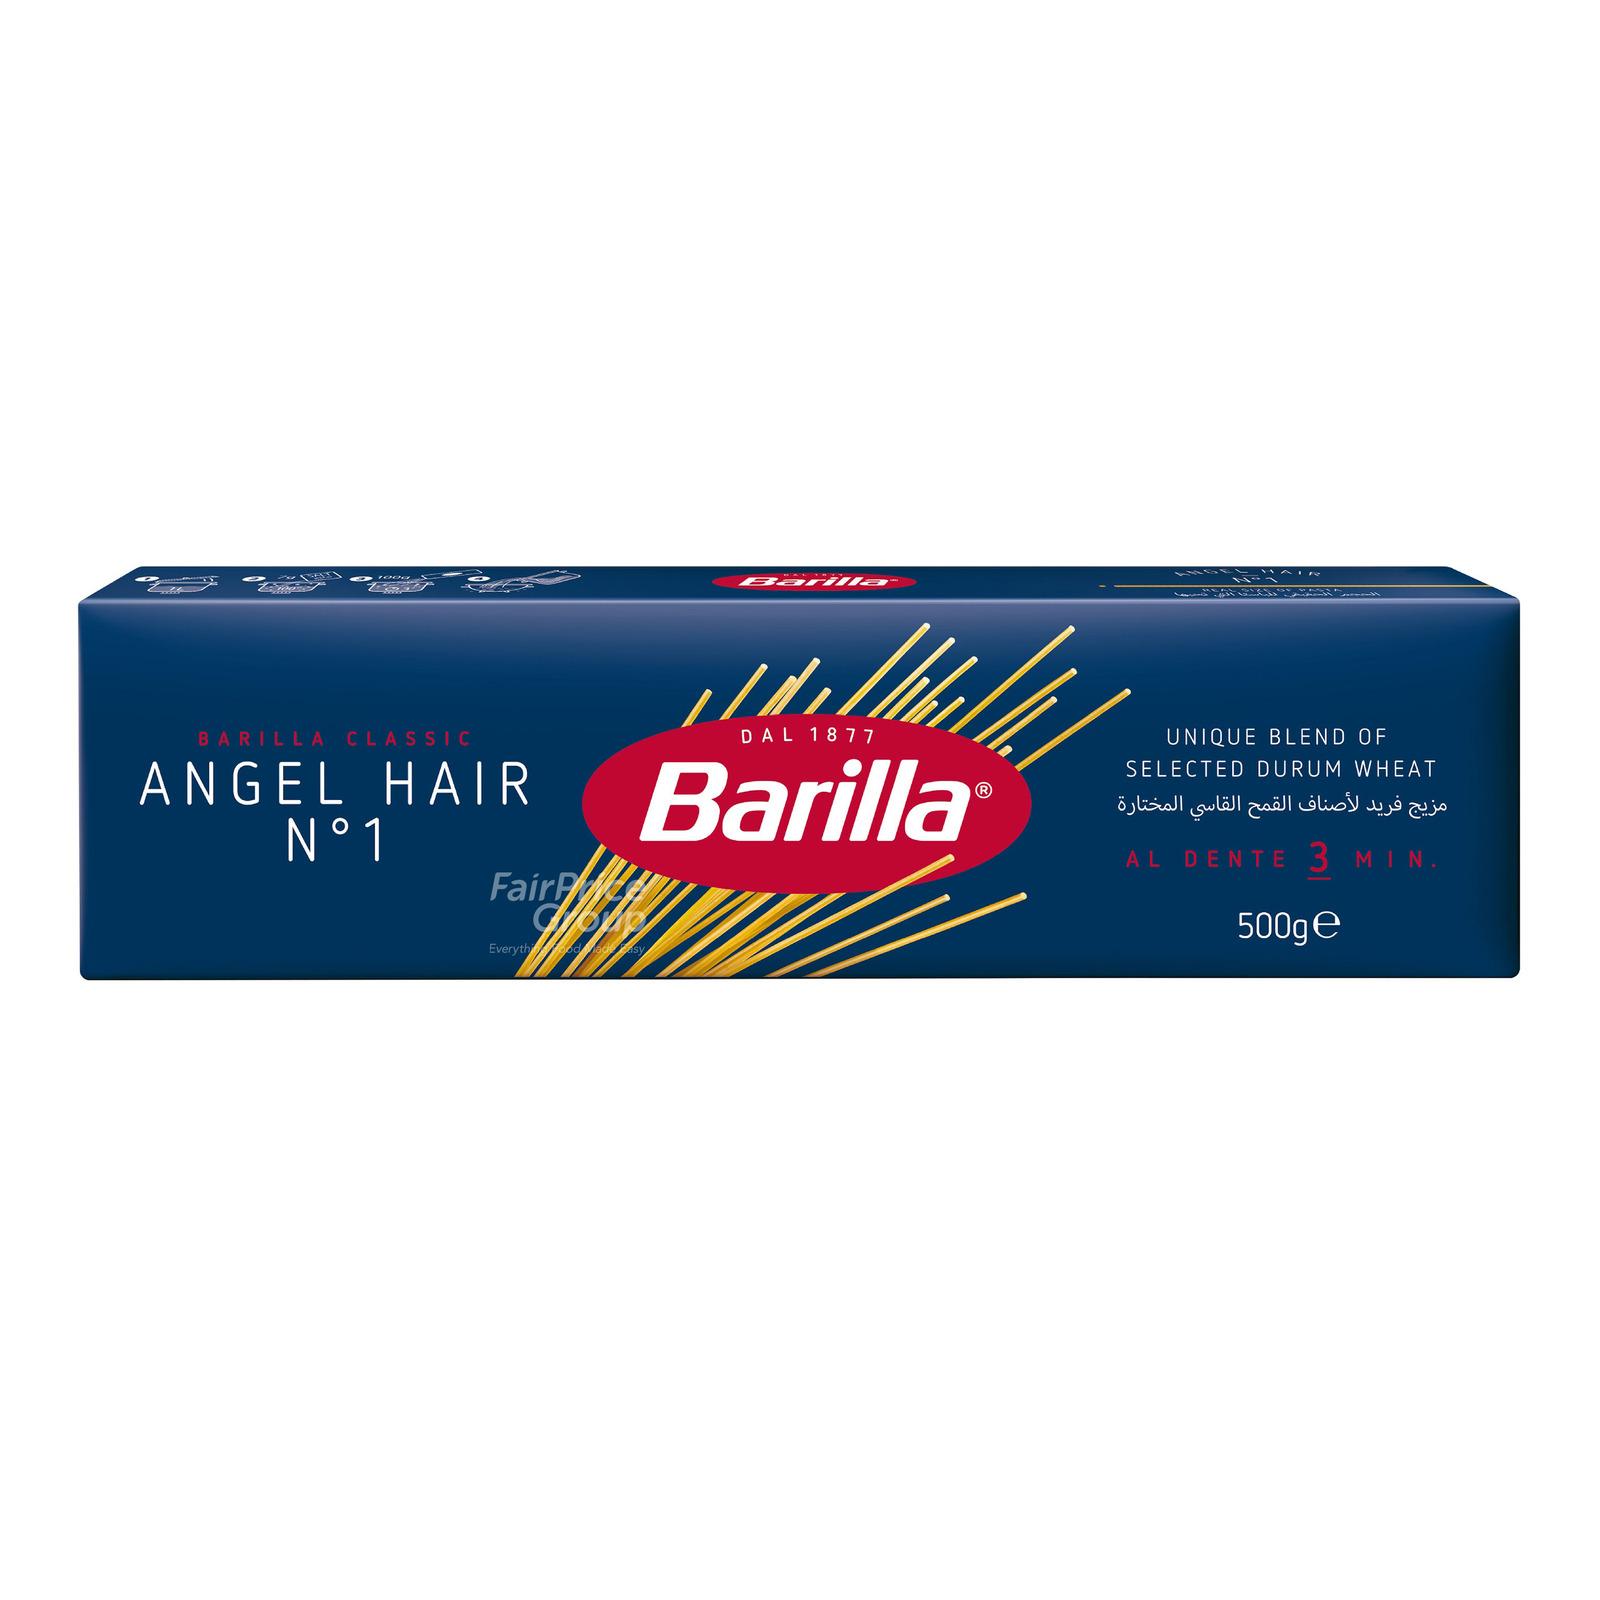 Barilla Pasta - Angel Hair No.1